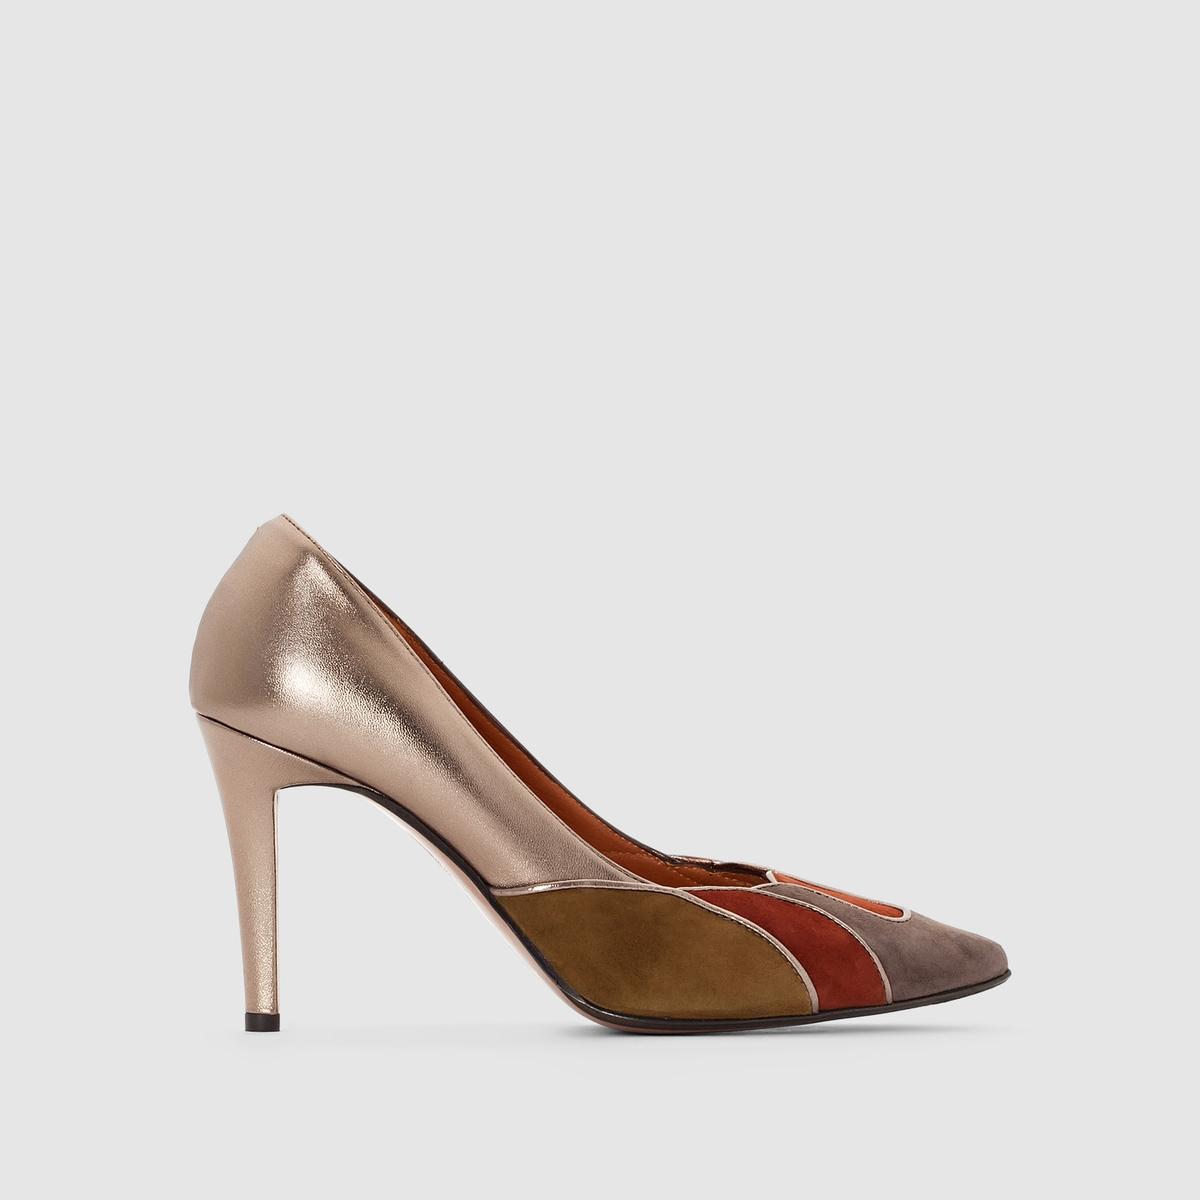 Туфли кожаные на шпильке Dona туфли на шпильке